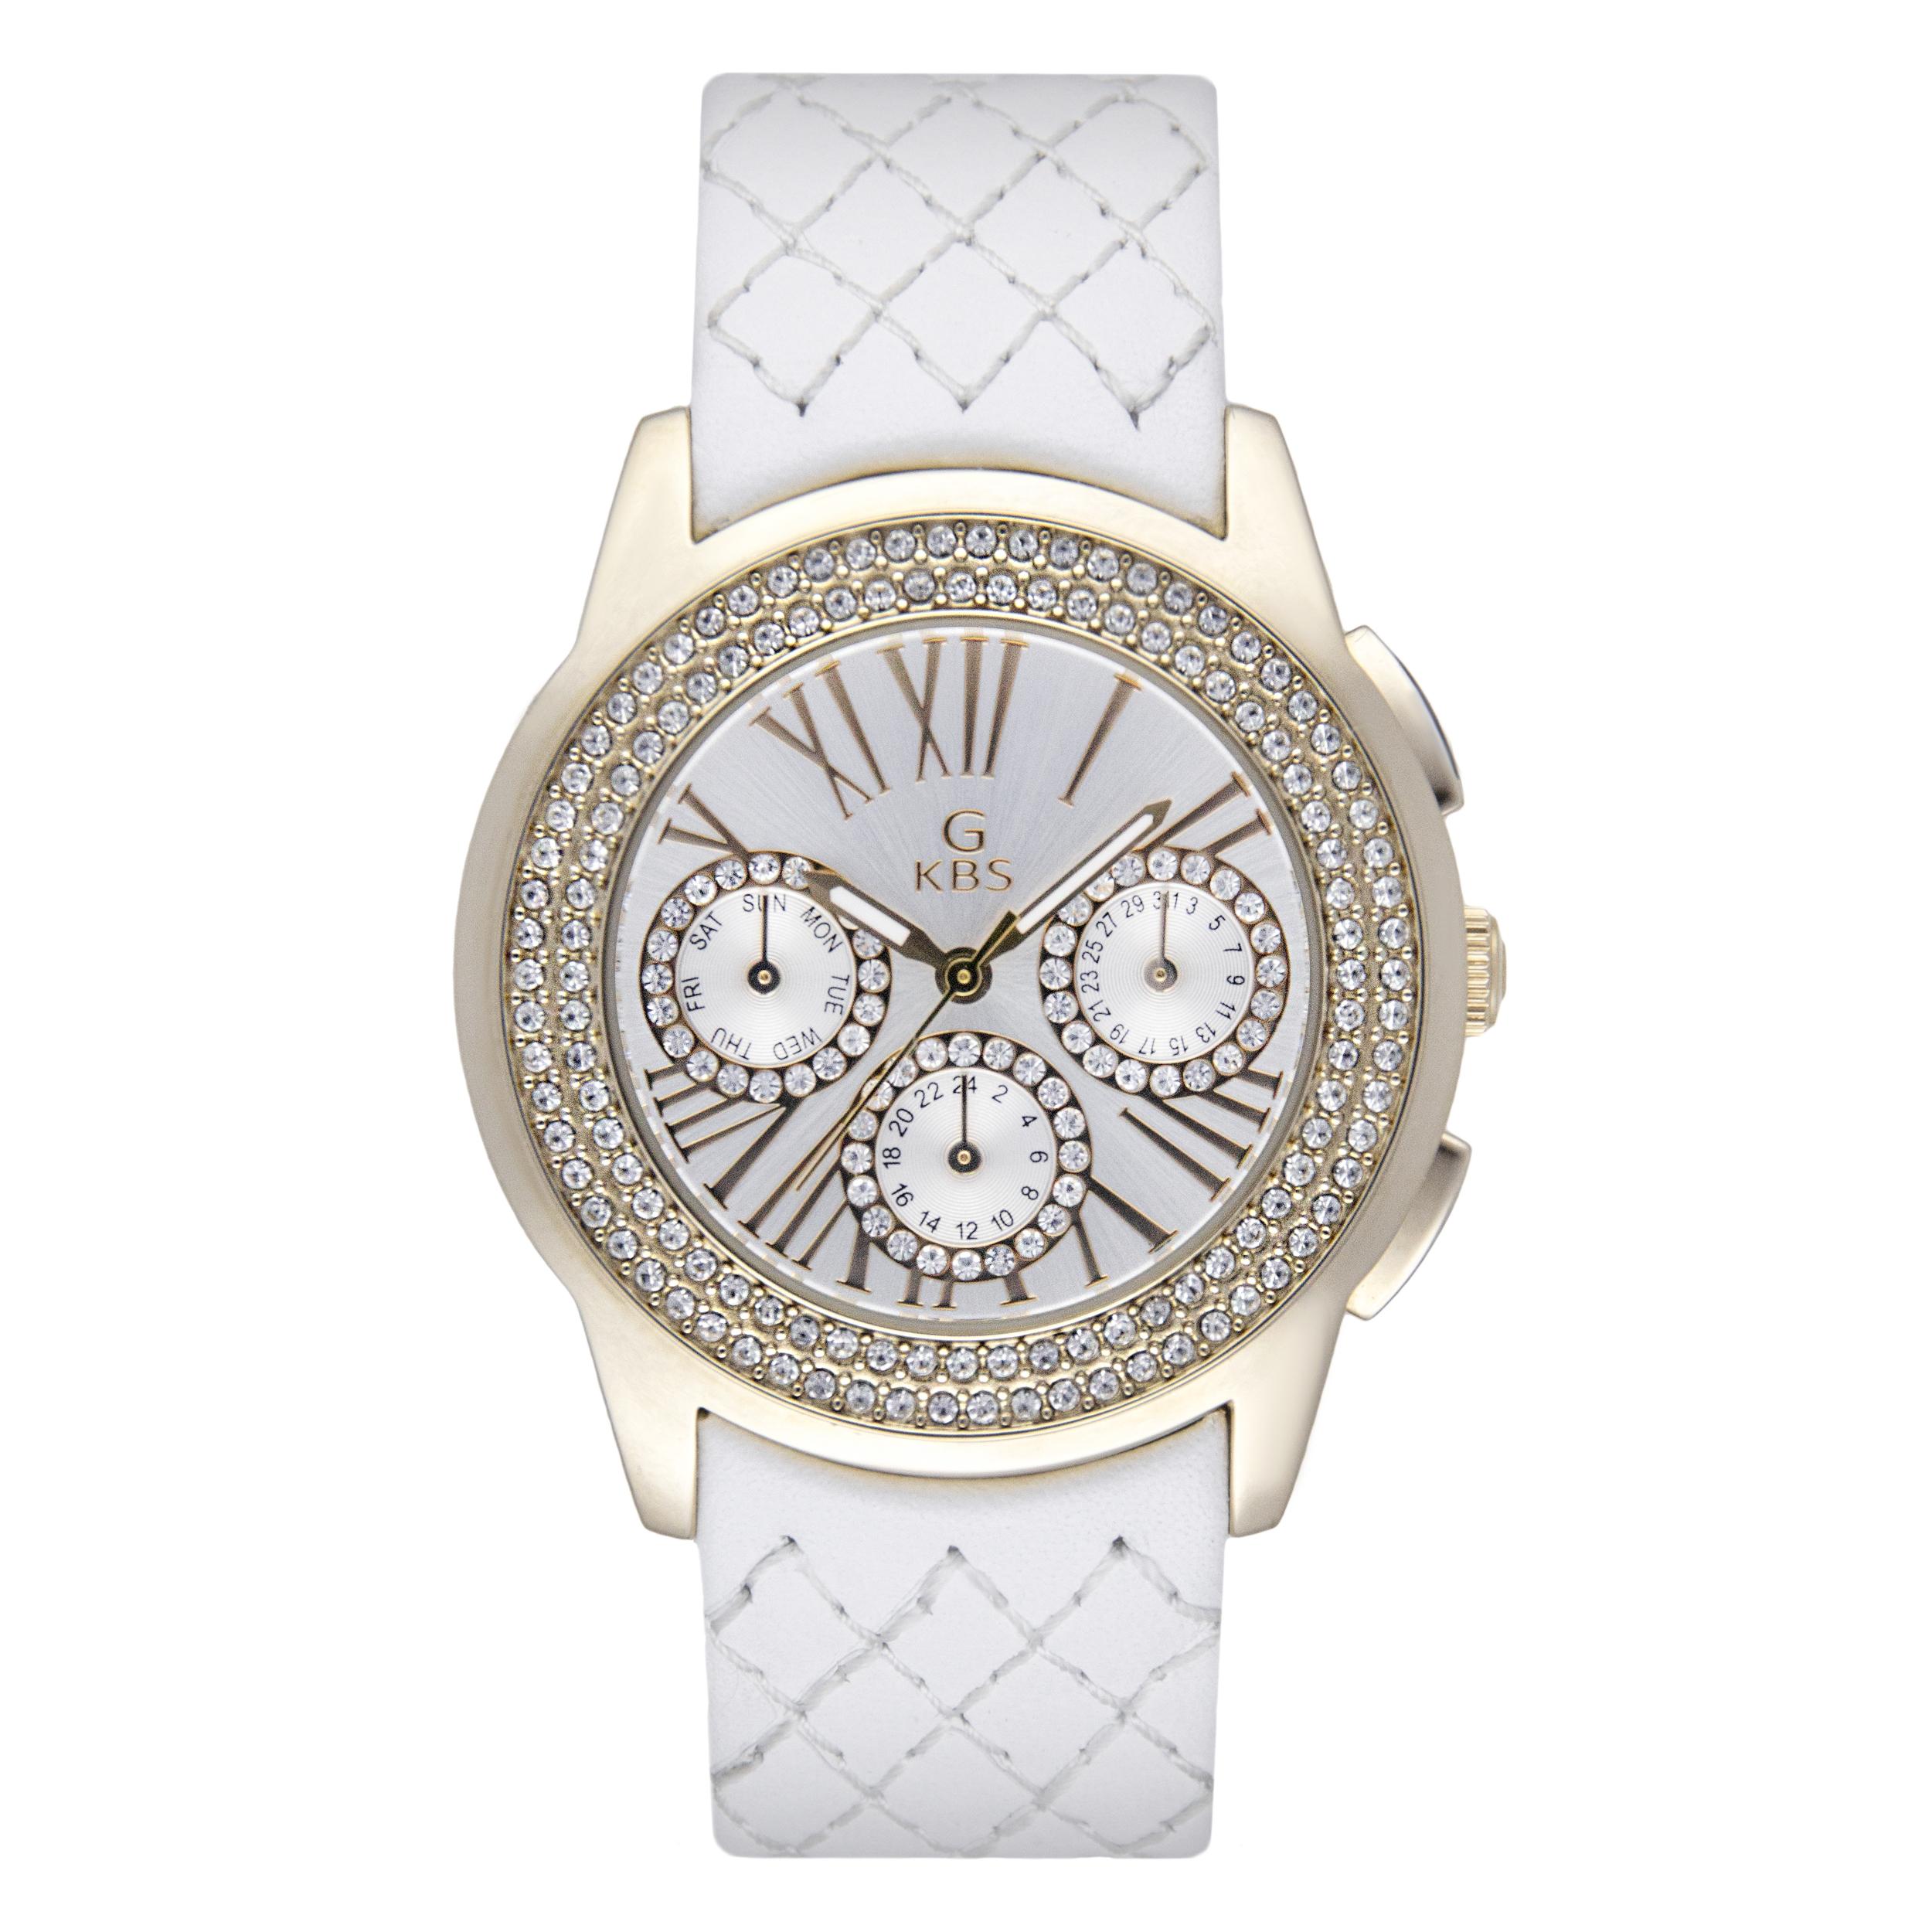 ساعت مچی عقربه ای زنانه جی کی بی اس مدل SN-2145-SGW              خرید (⭐️⭐️⭐️)